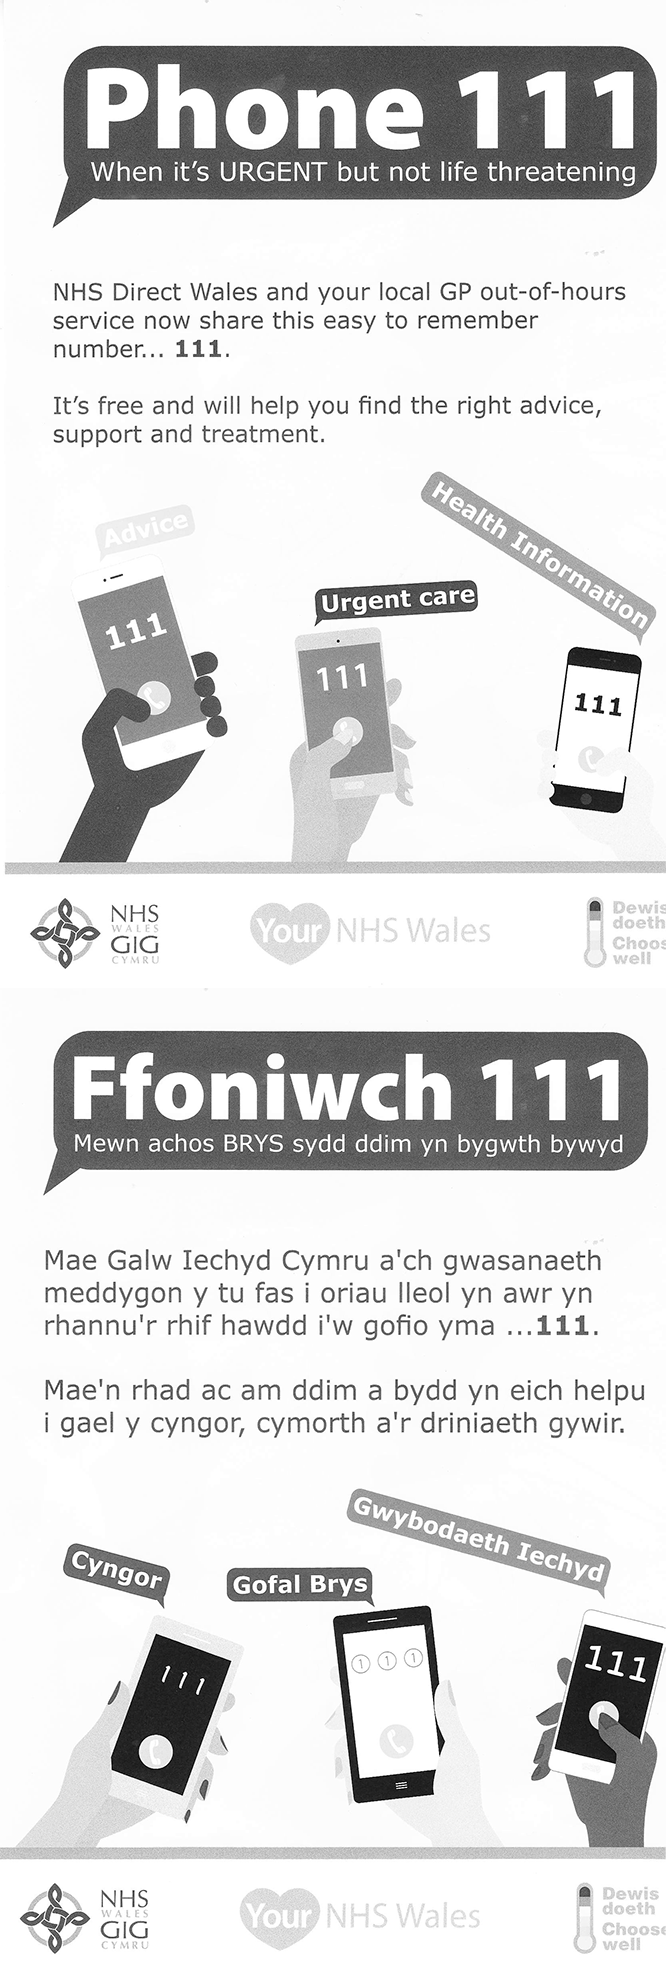 Phone 111 / Ffoniwch 111